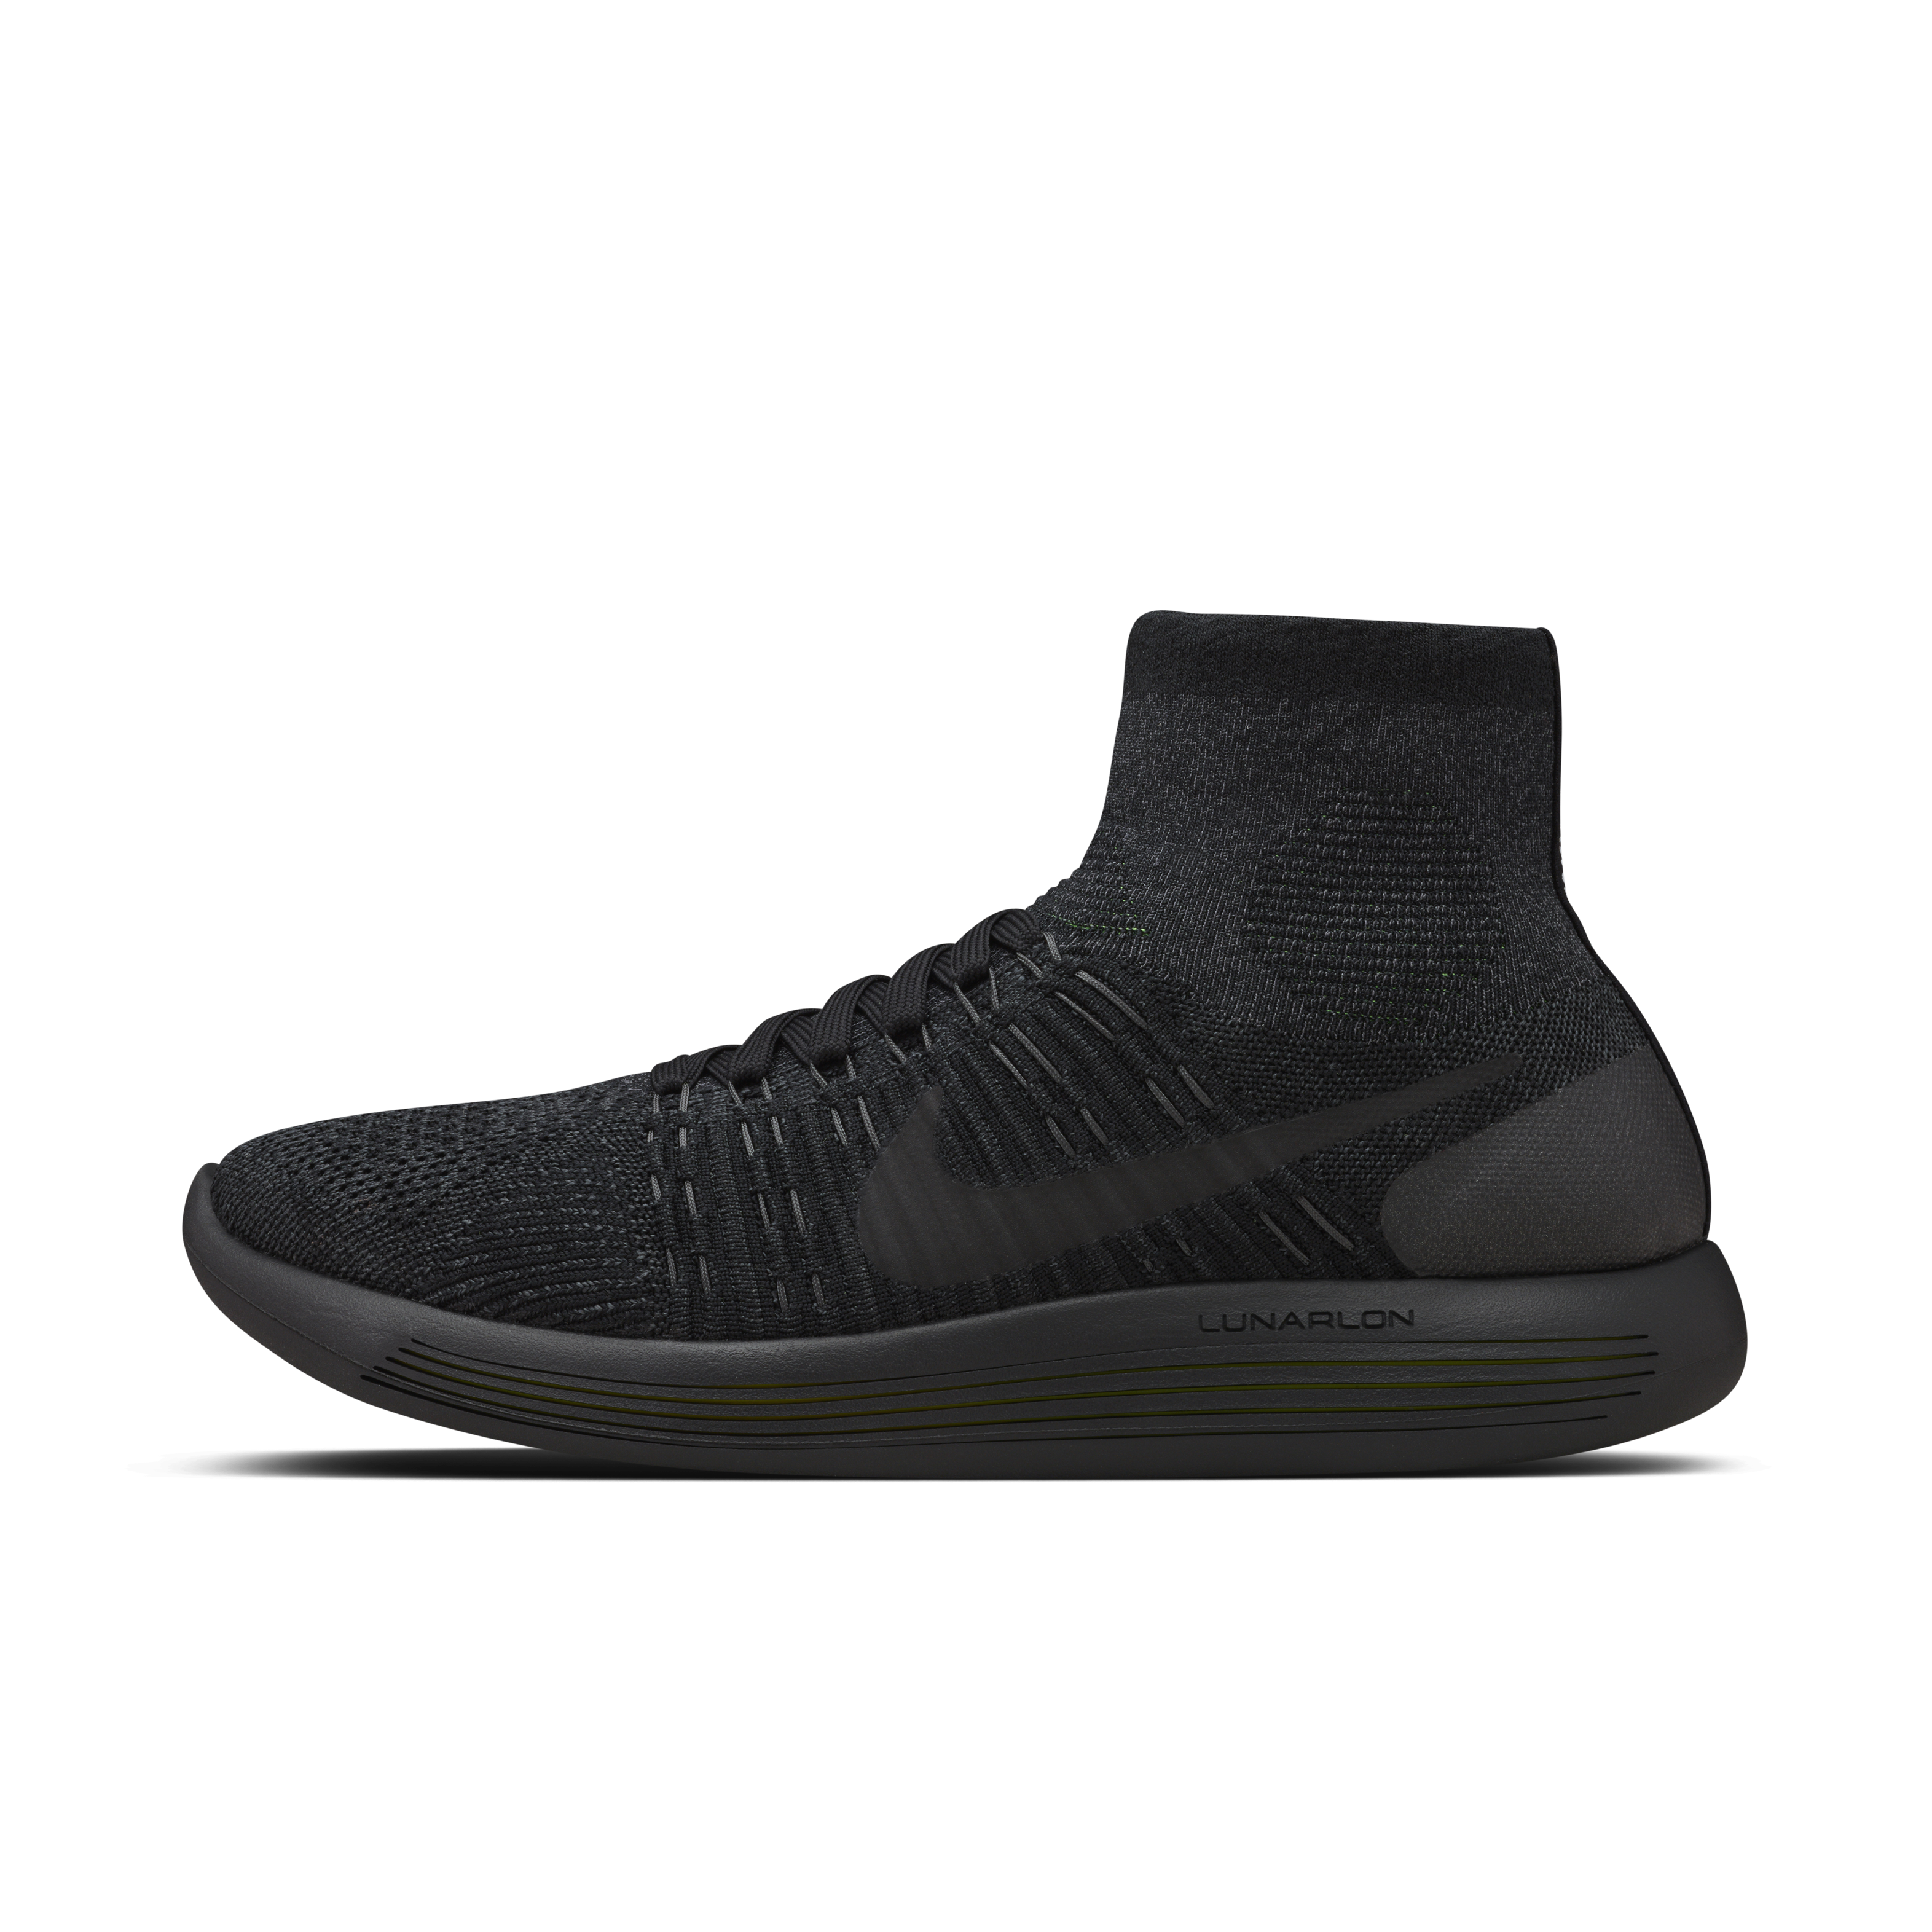 NikeLab_LunarEpic_Flyknit_1_original